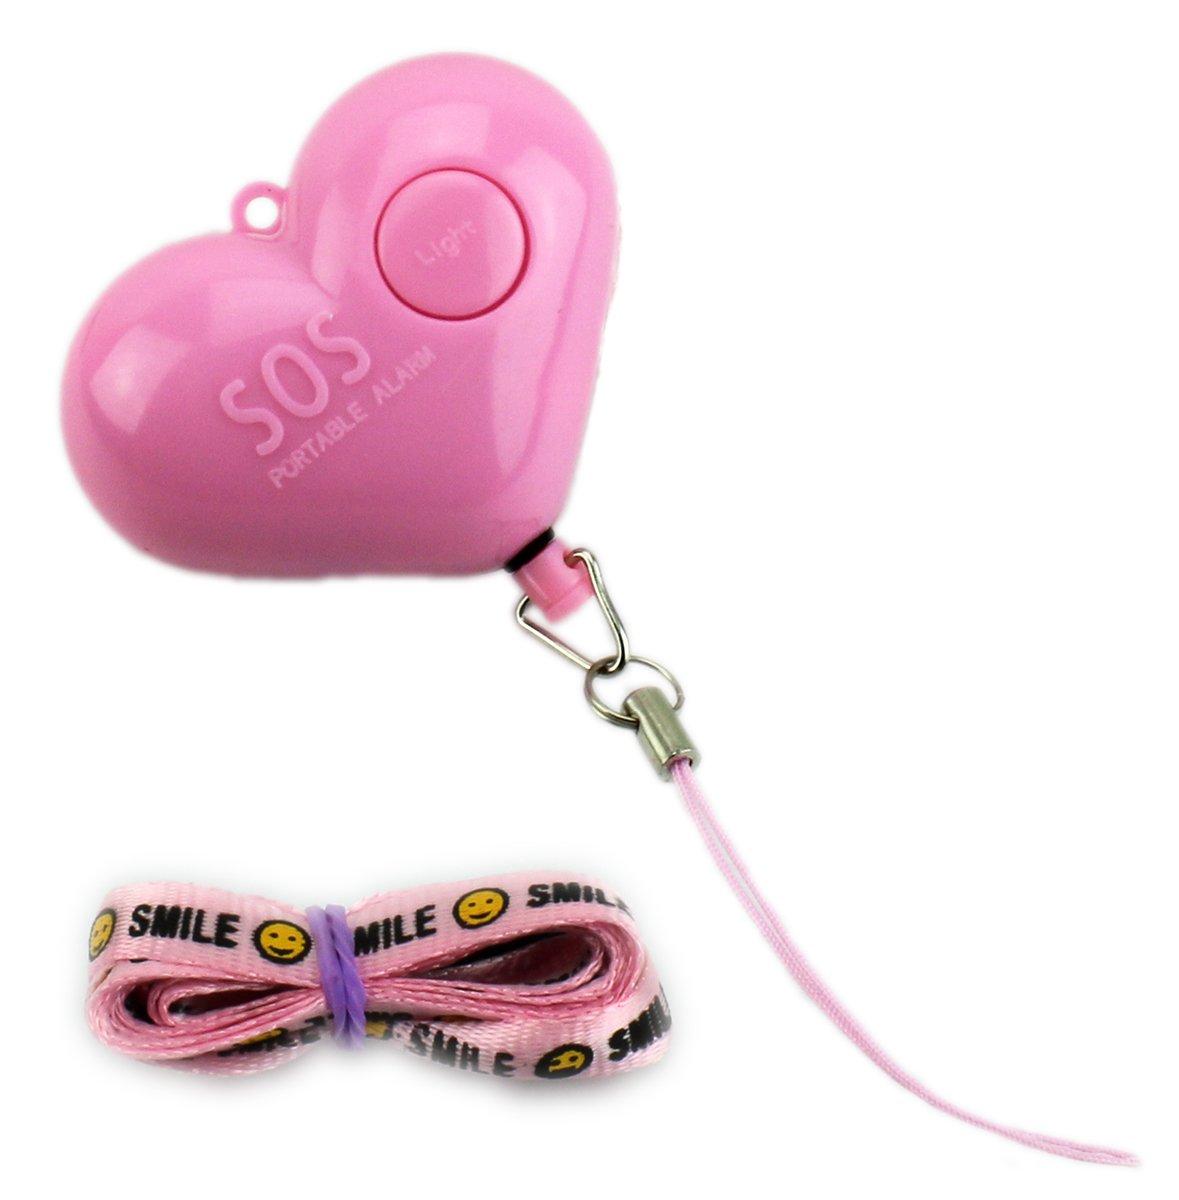 Taschenalarm Herz Womanizer v1.1 extem Lauter Sicherheitsbegleiter 140dB